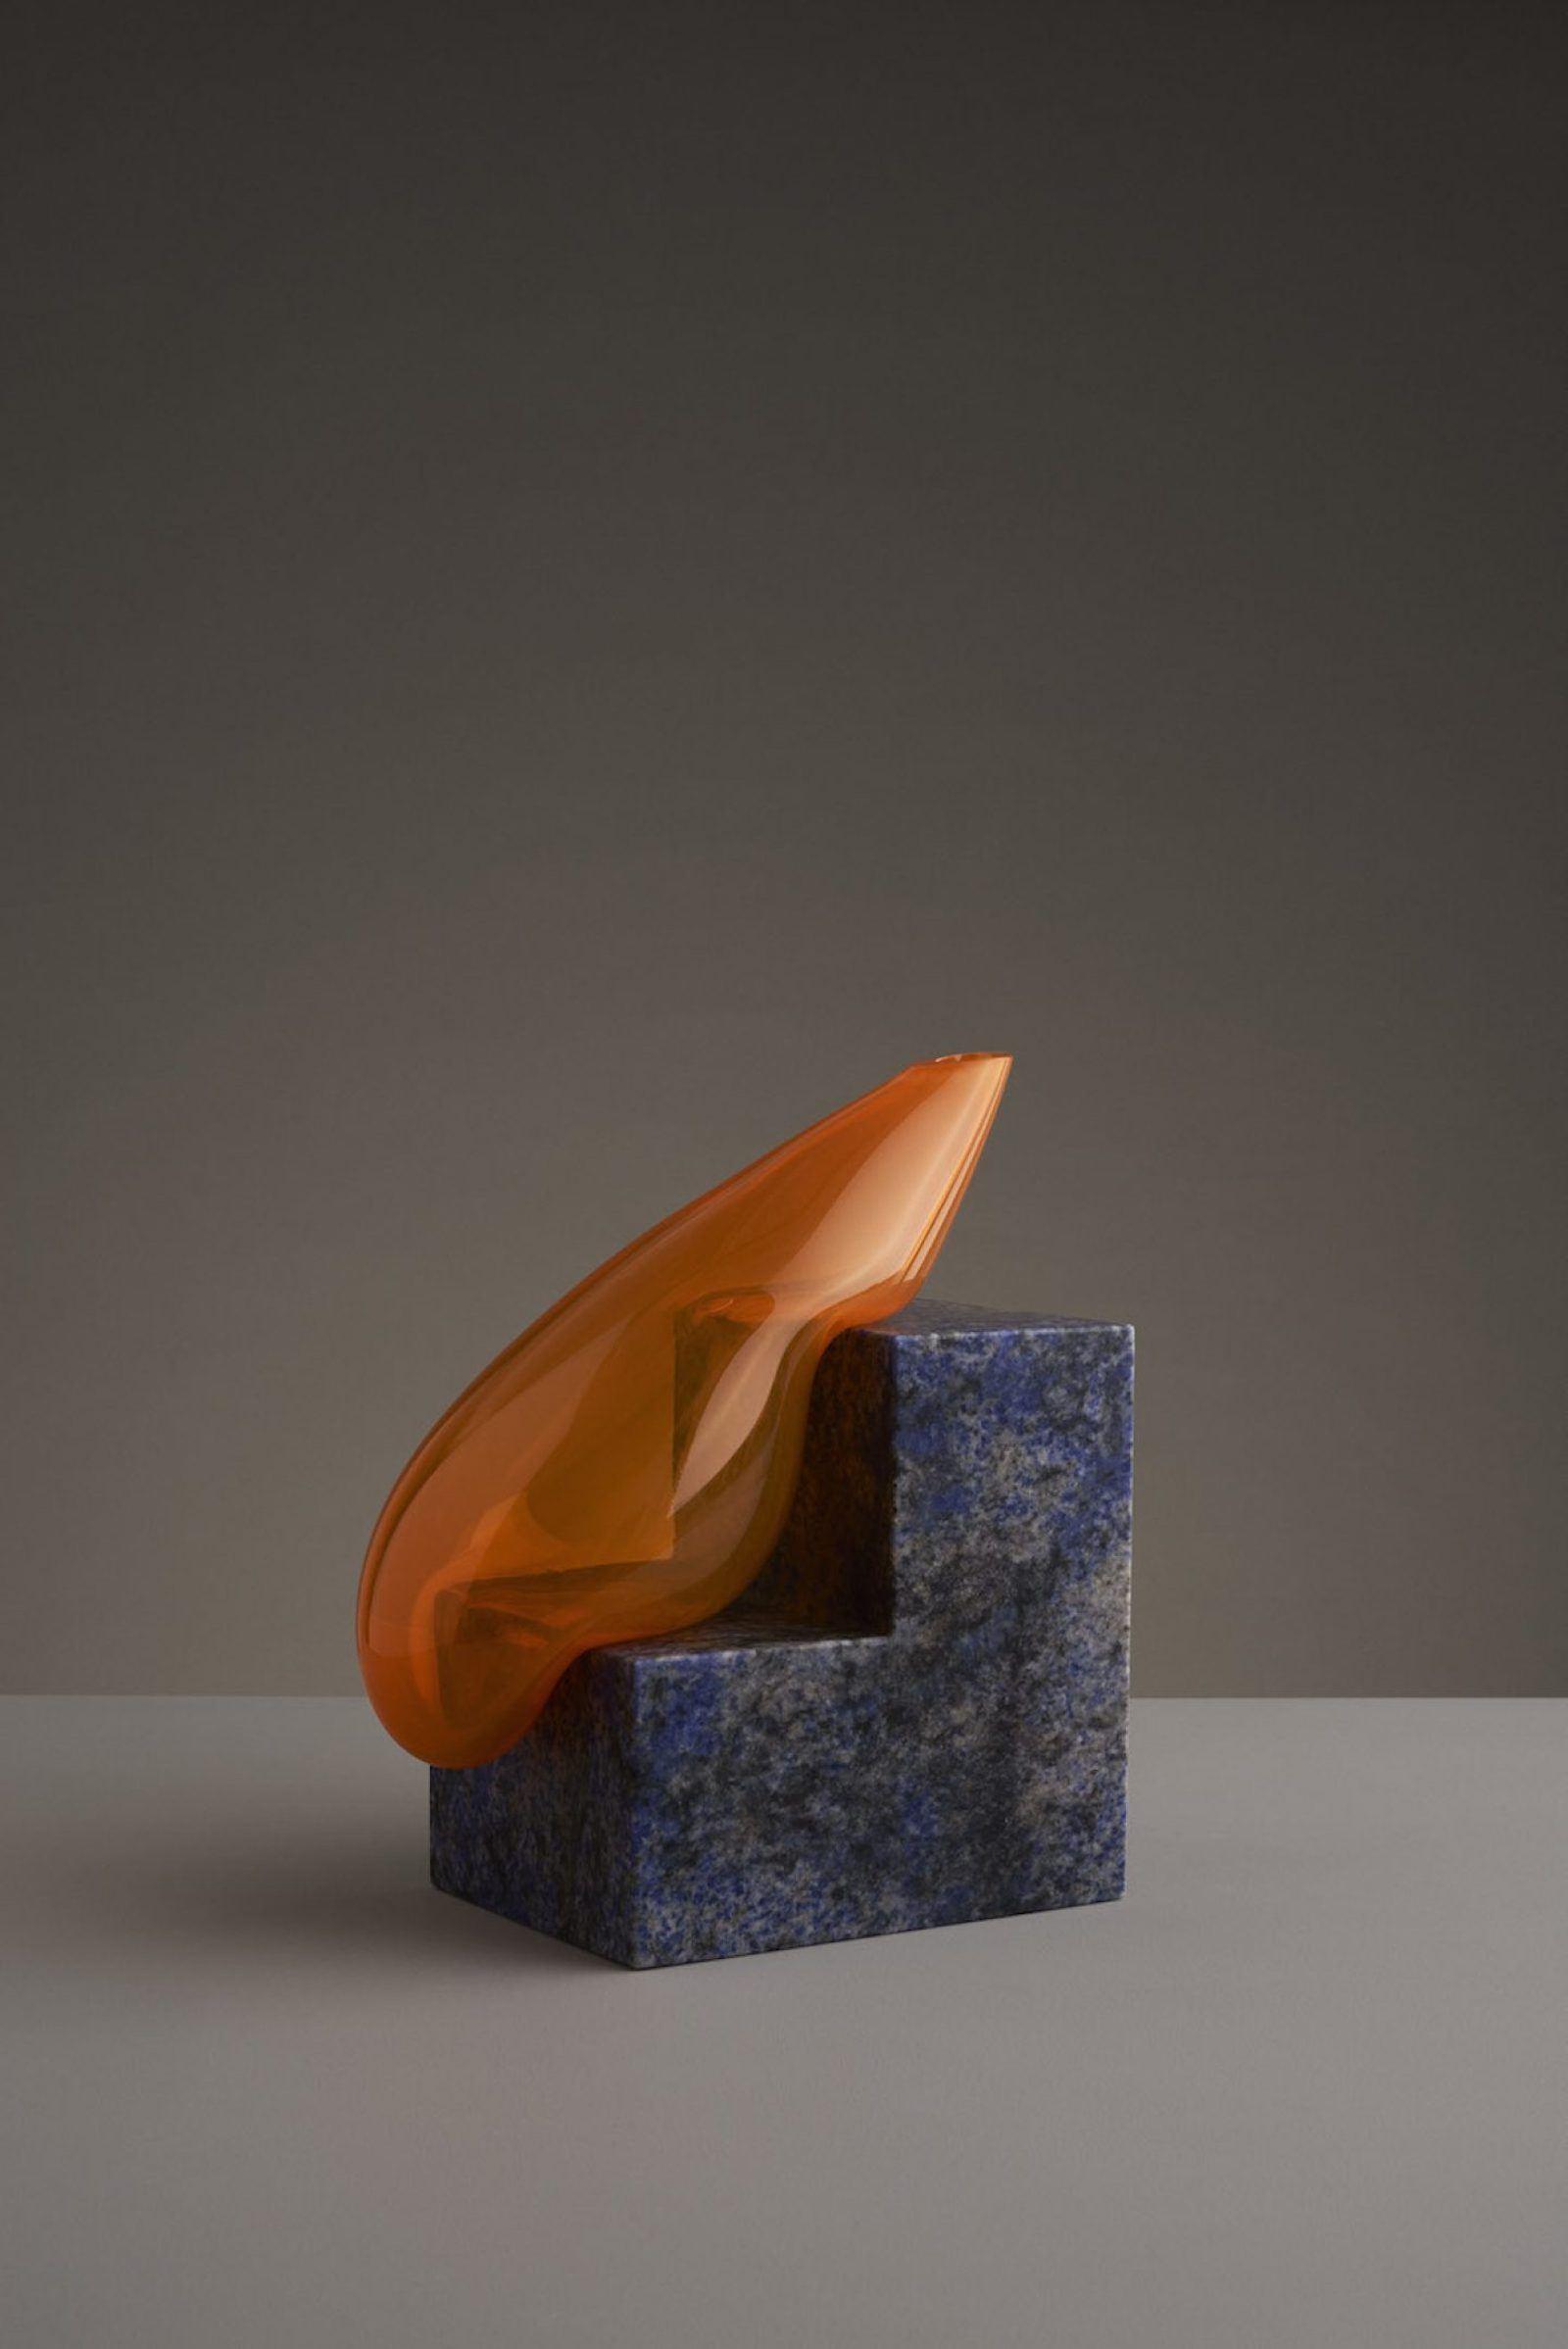 Design-Indefinite-Vases-Stuio-EO-34-1440x2157